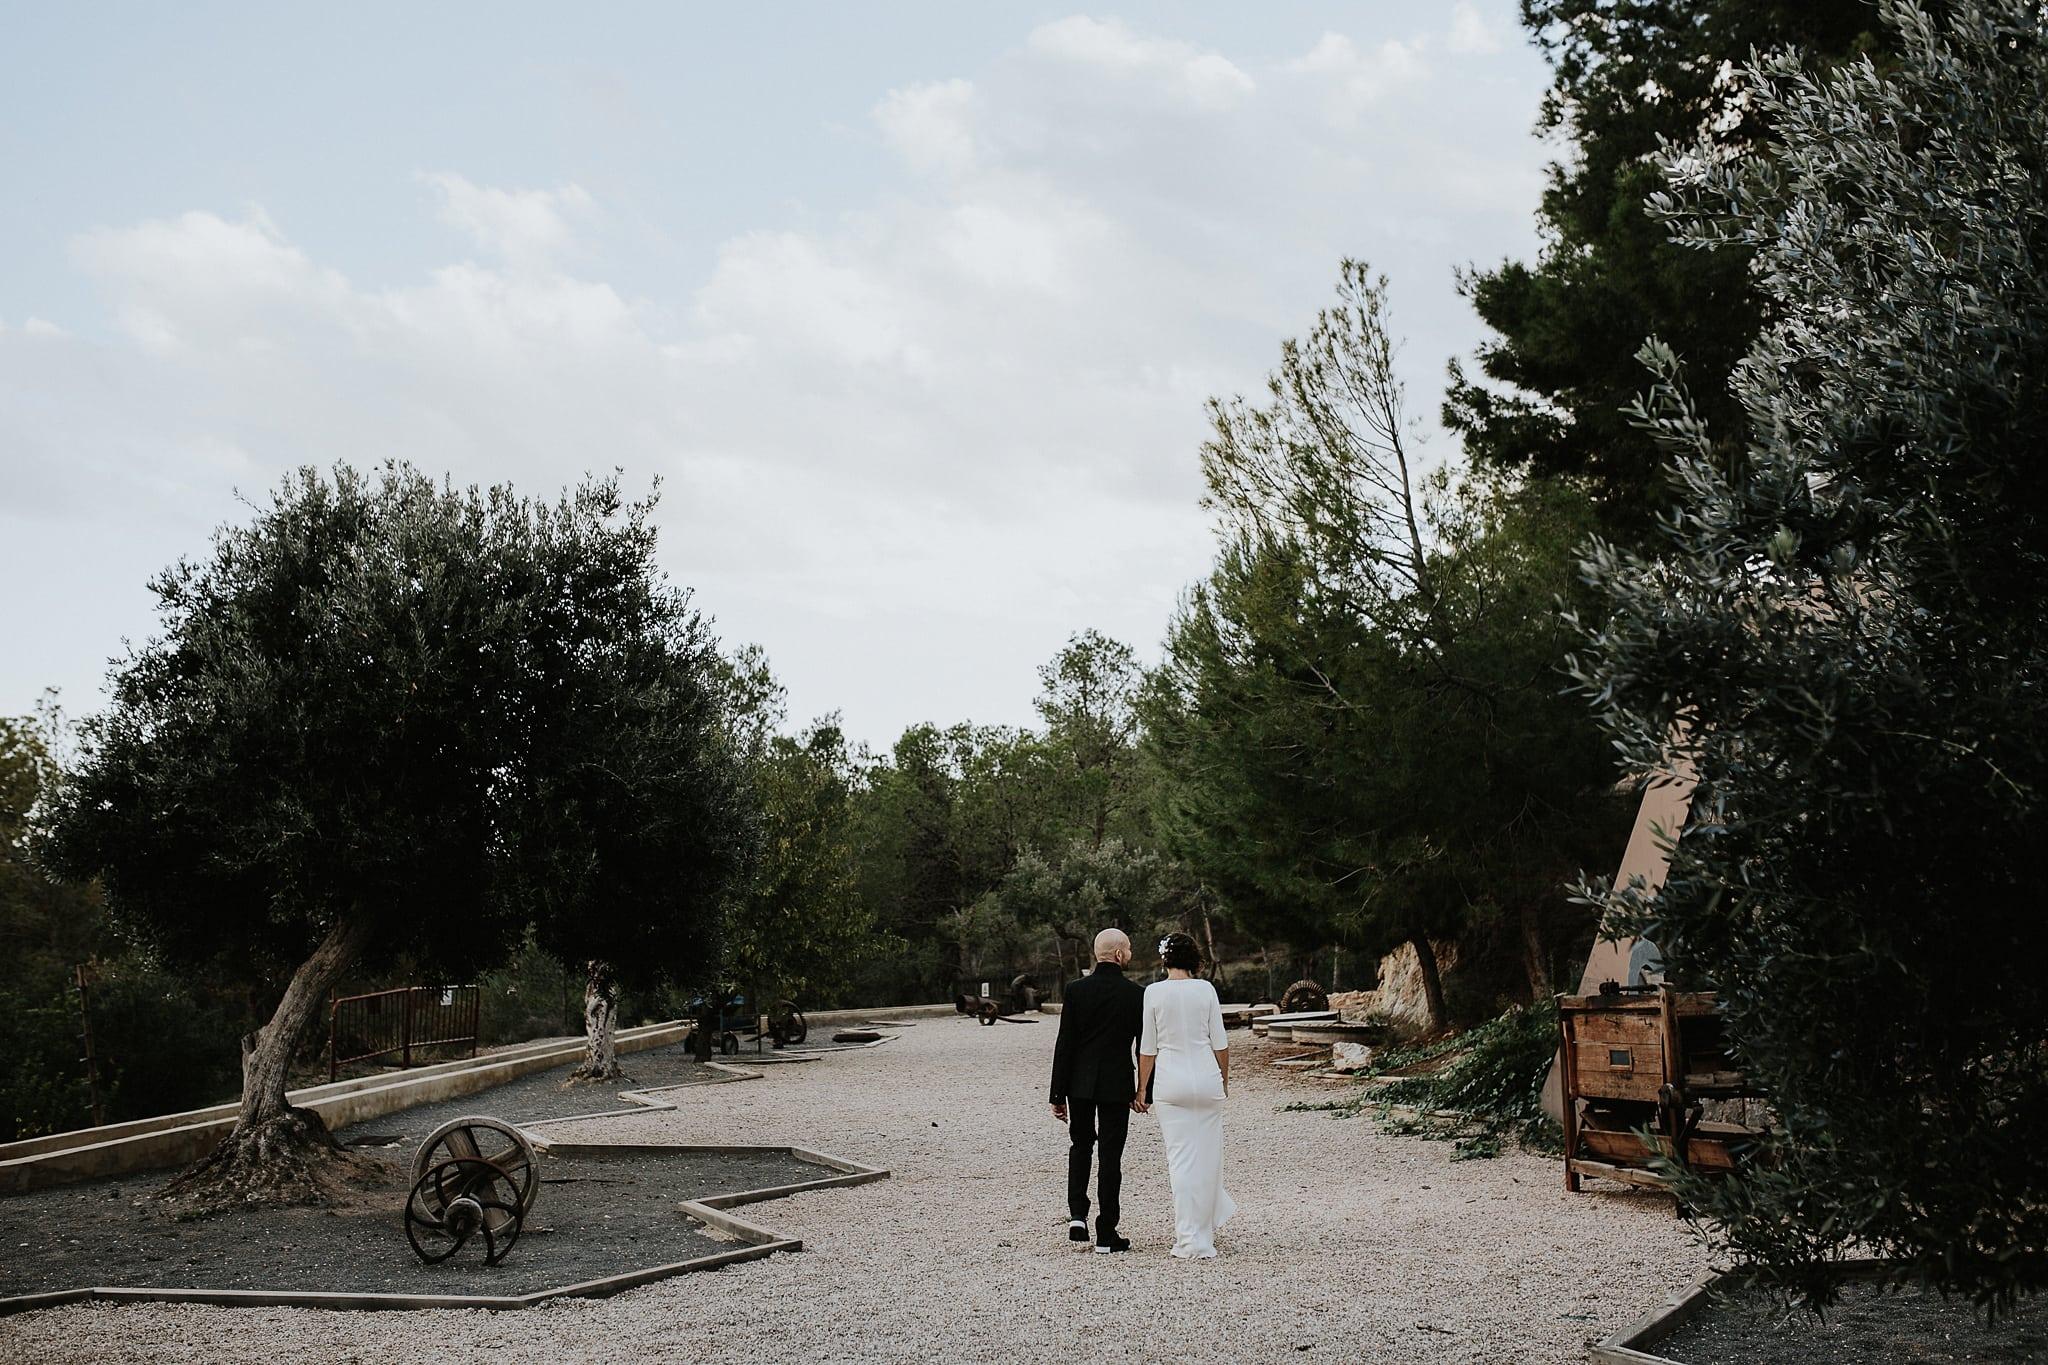 prisma-blanco-fotografia-bodas-altea-148